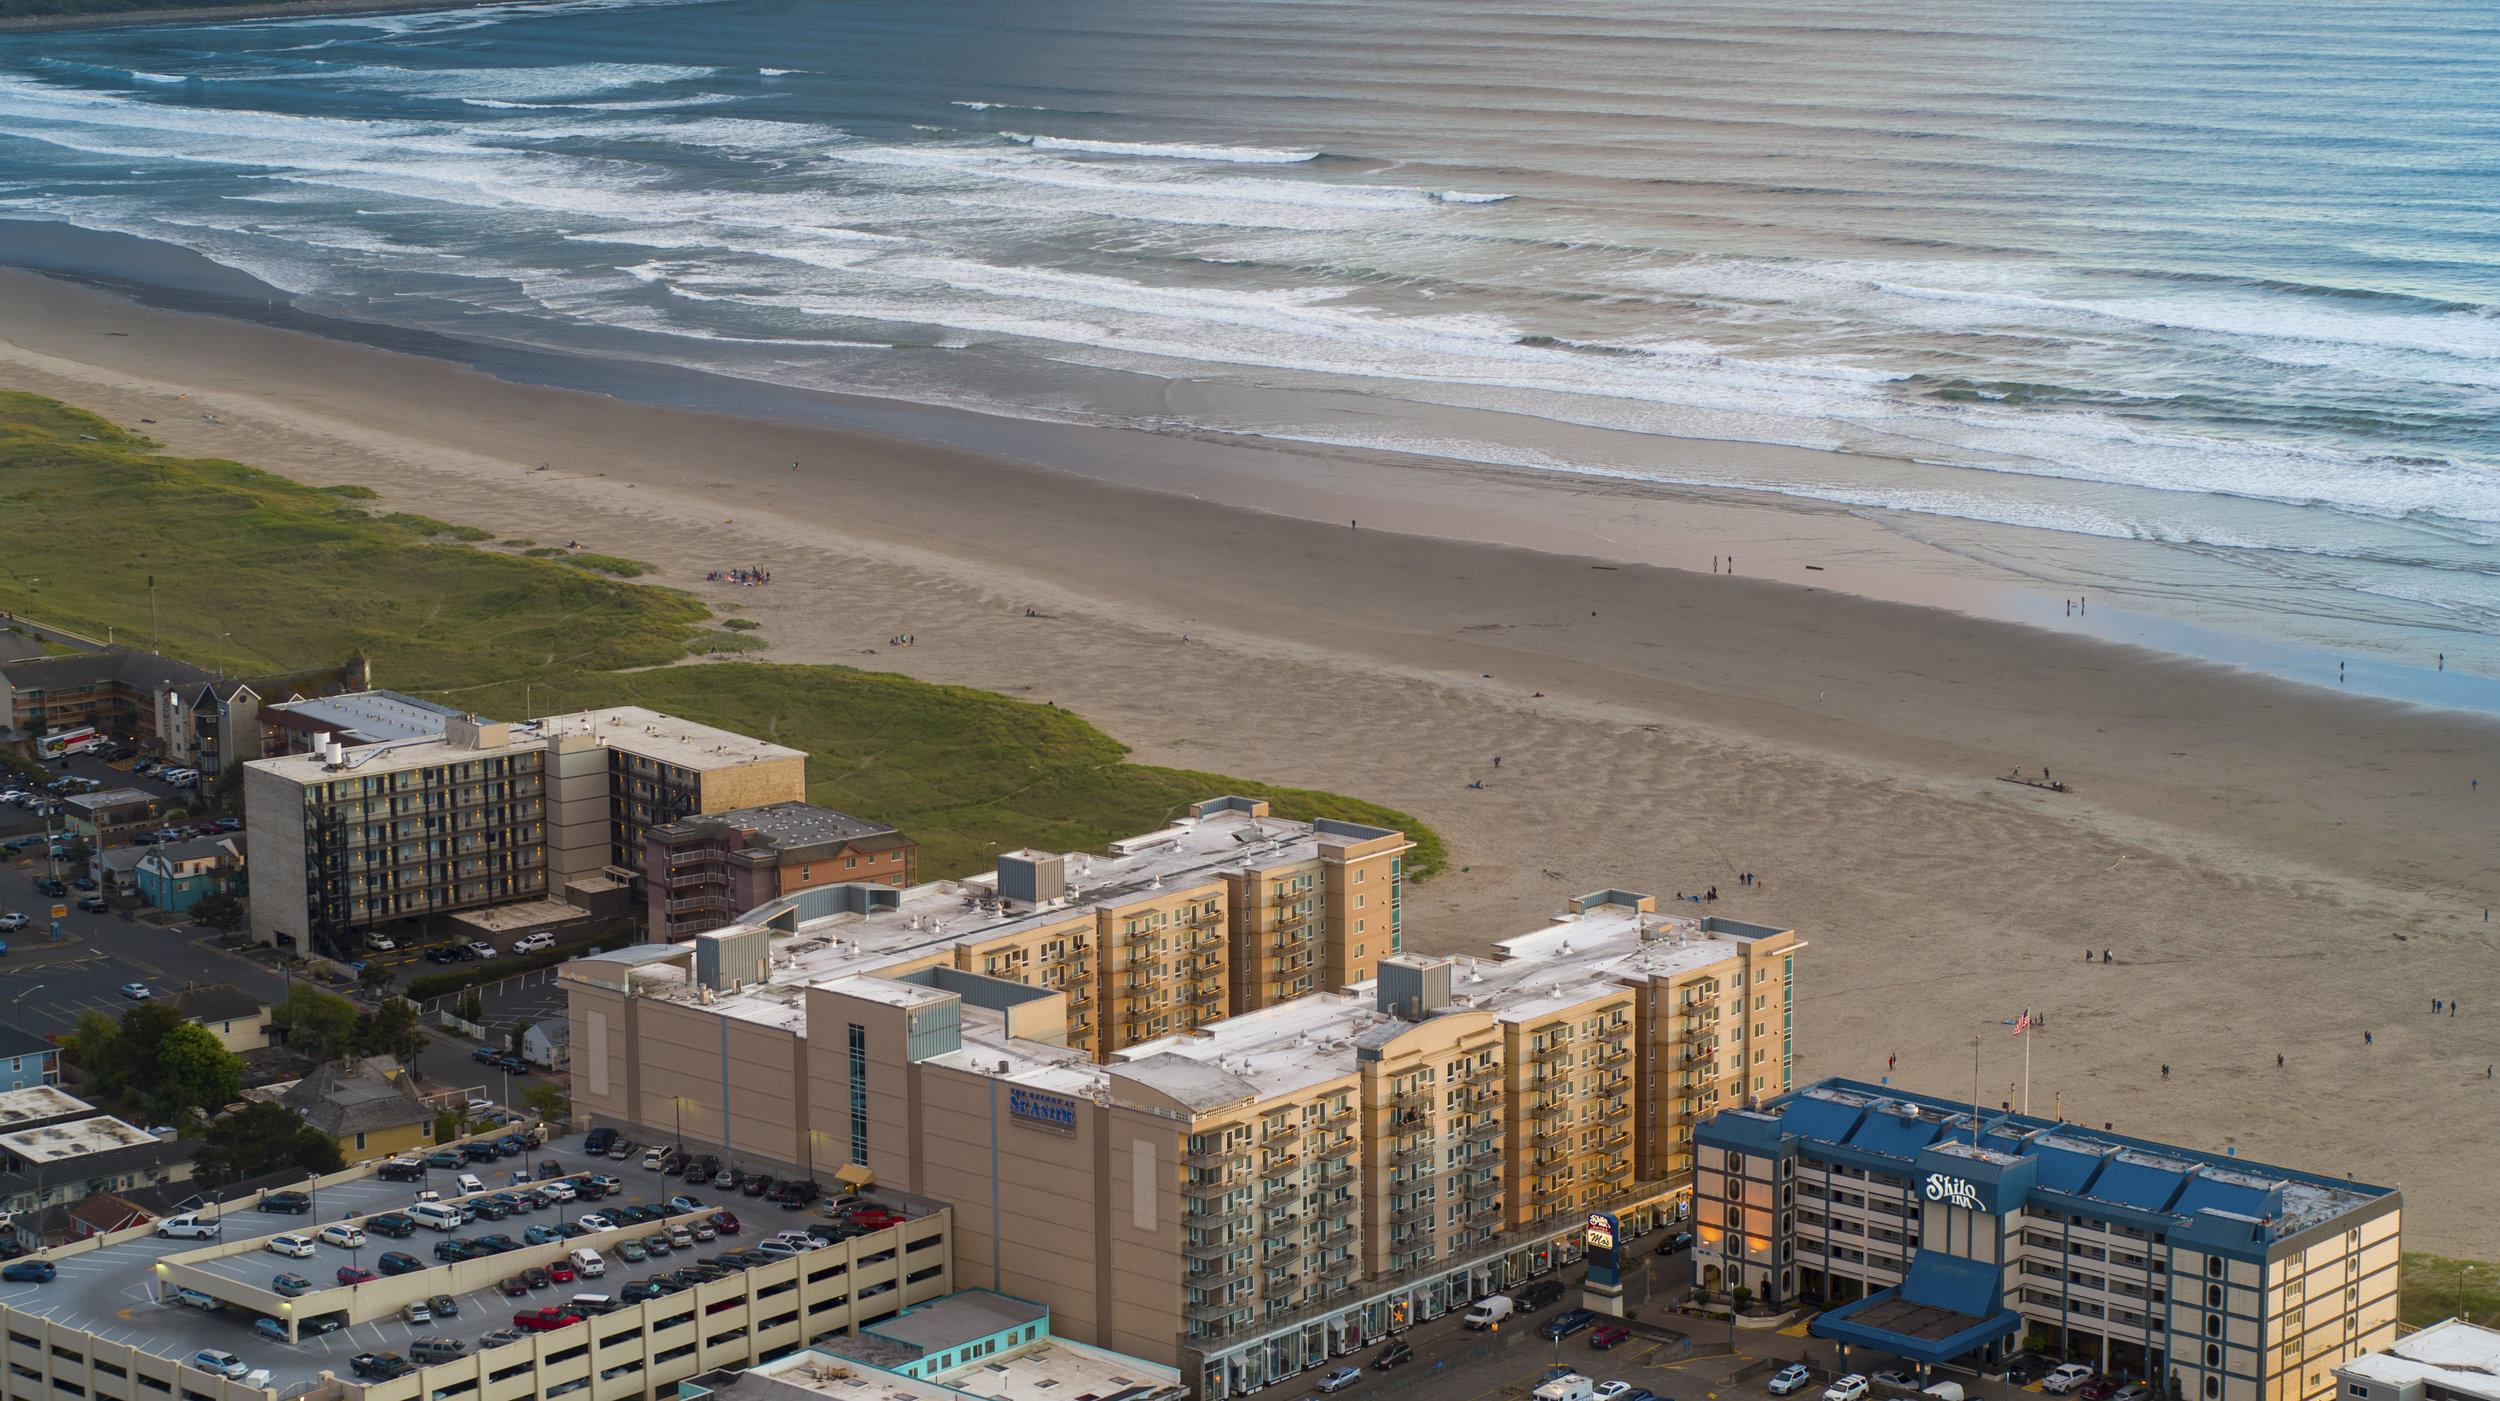 Seaside2-1611.jpg